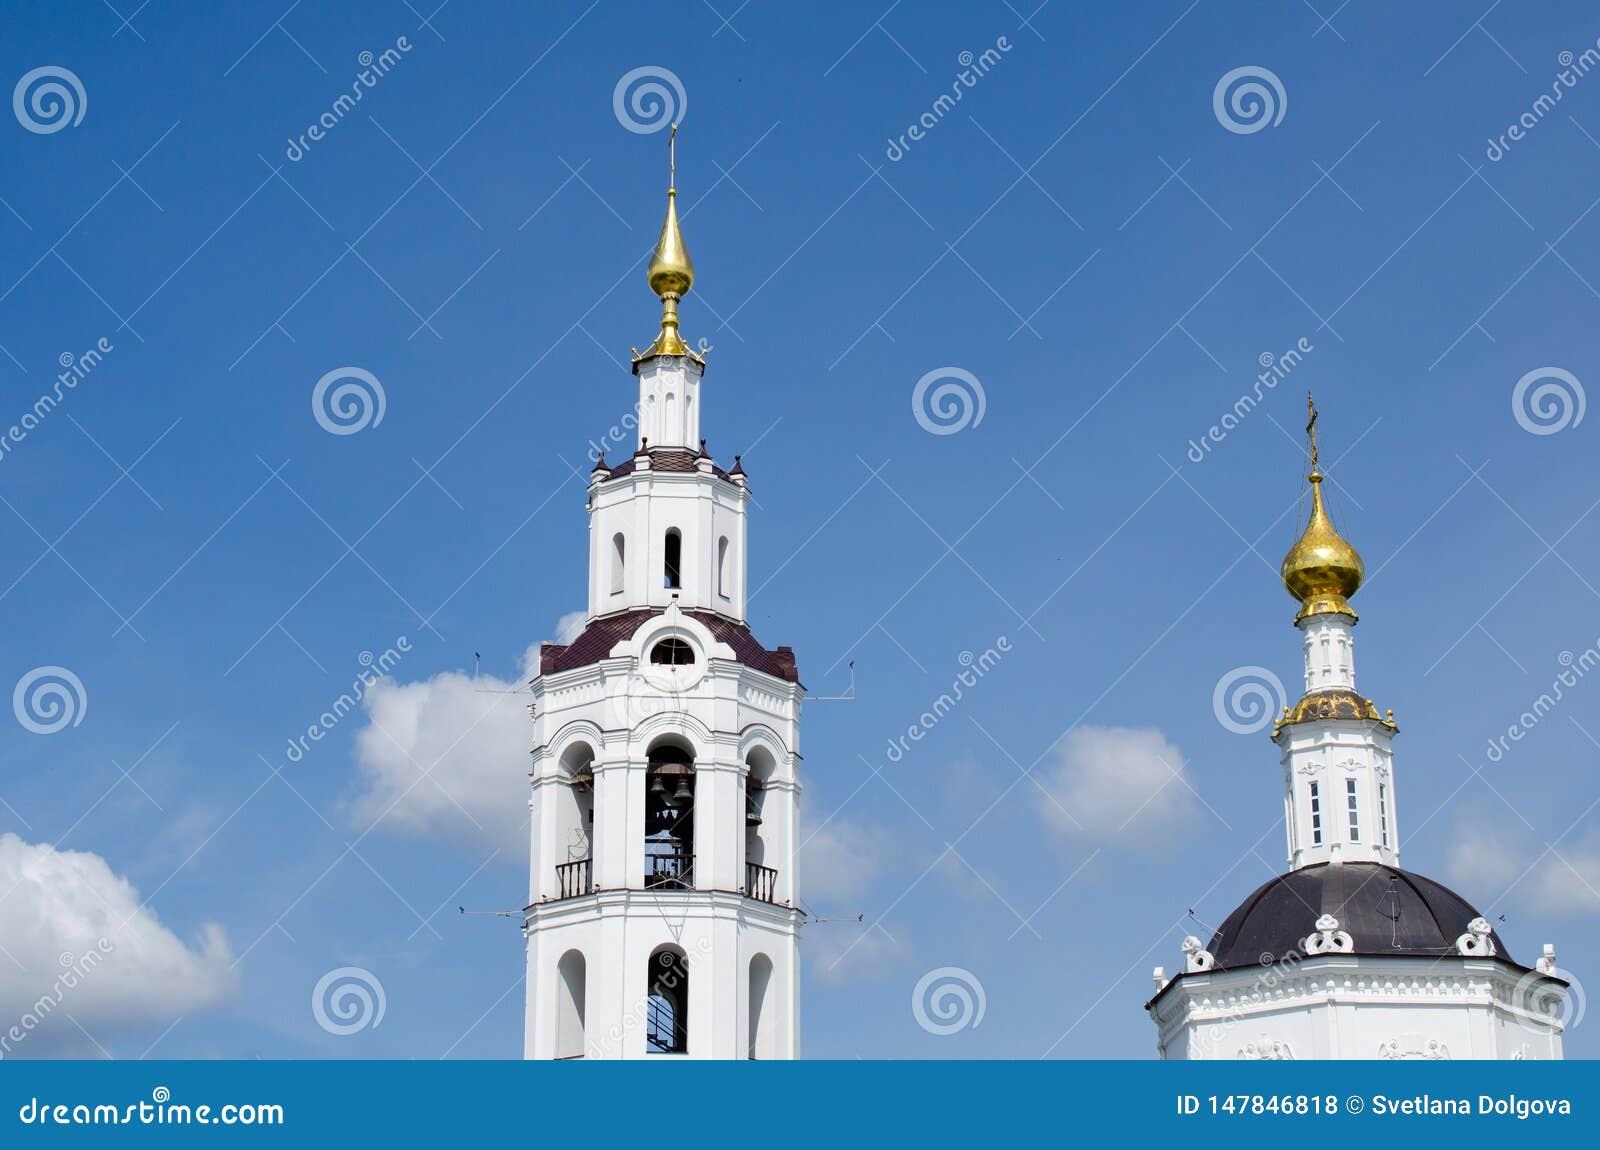 Θόλοι της εκκλησίας με τους σταυρούς ενάντια στον ουρανό